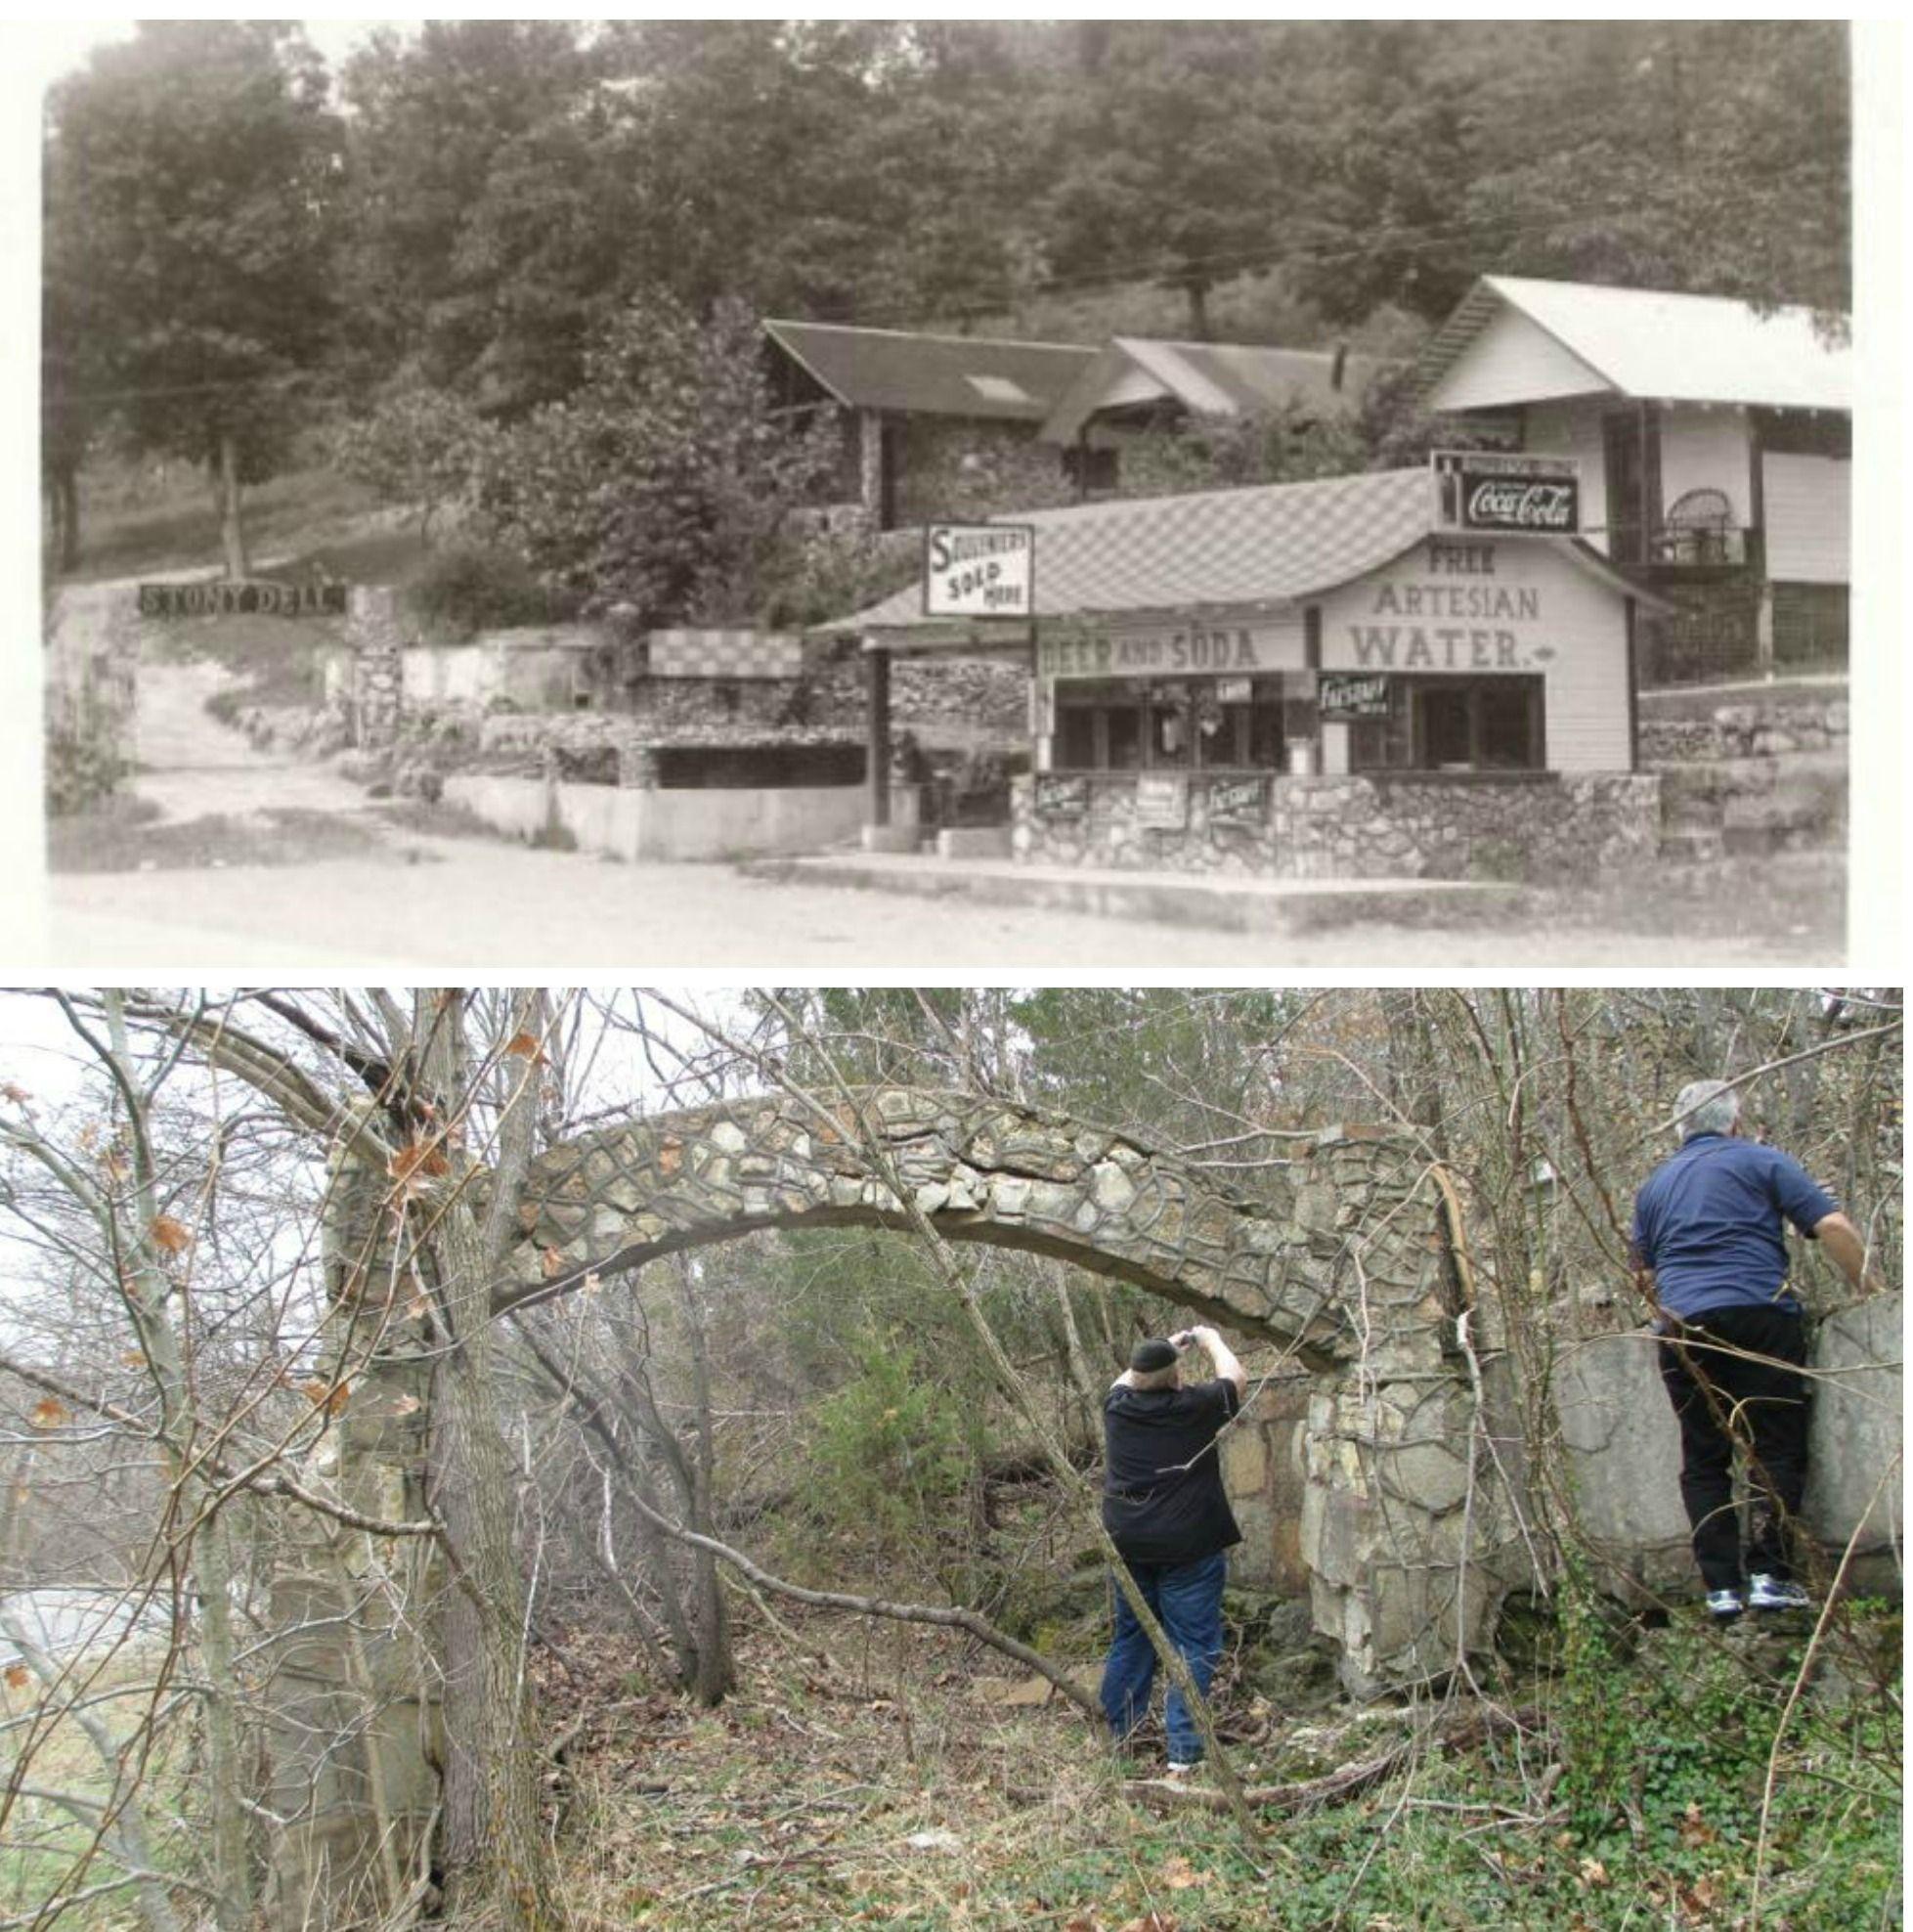 Then and Now - Stony Dell Resort, Arlington, MO | Missouri History